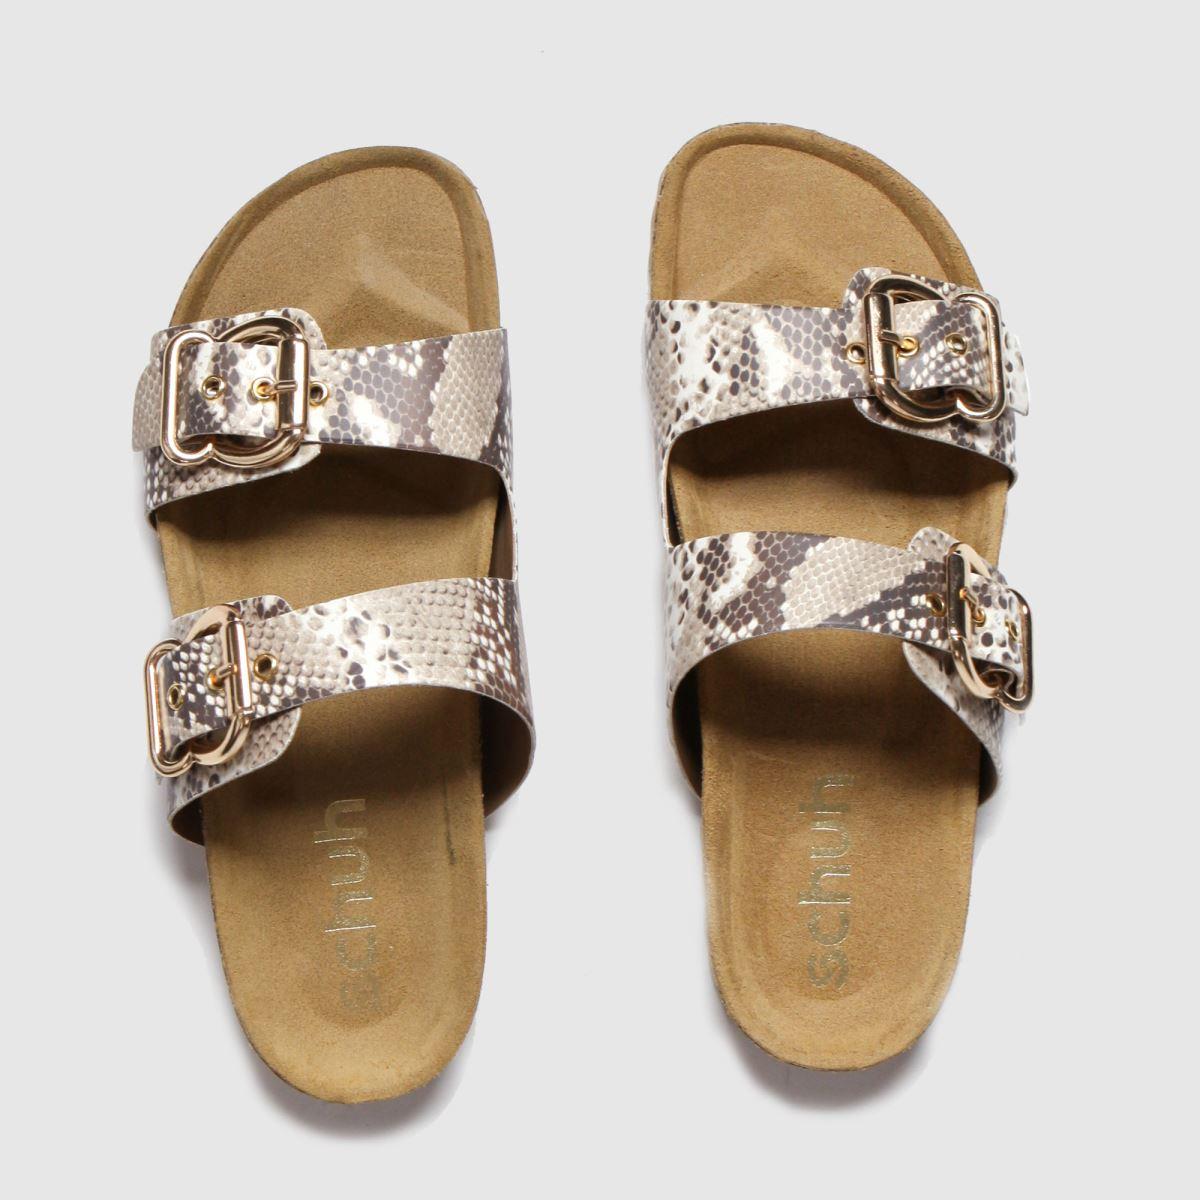 schuh Schuh Natural Santorini Sandals